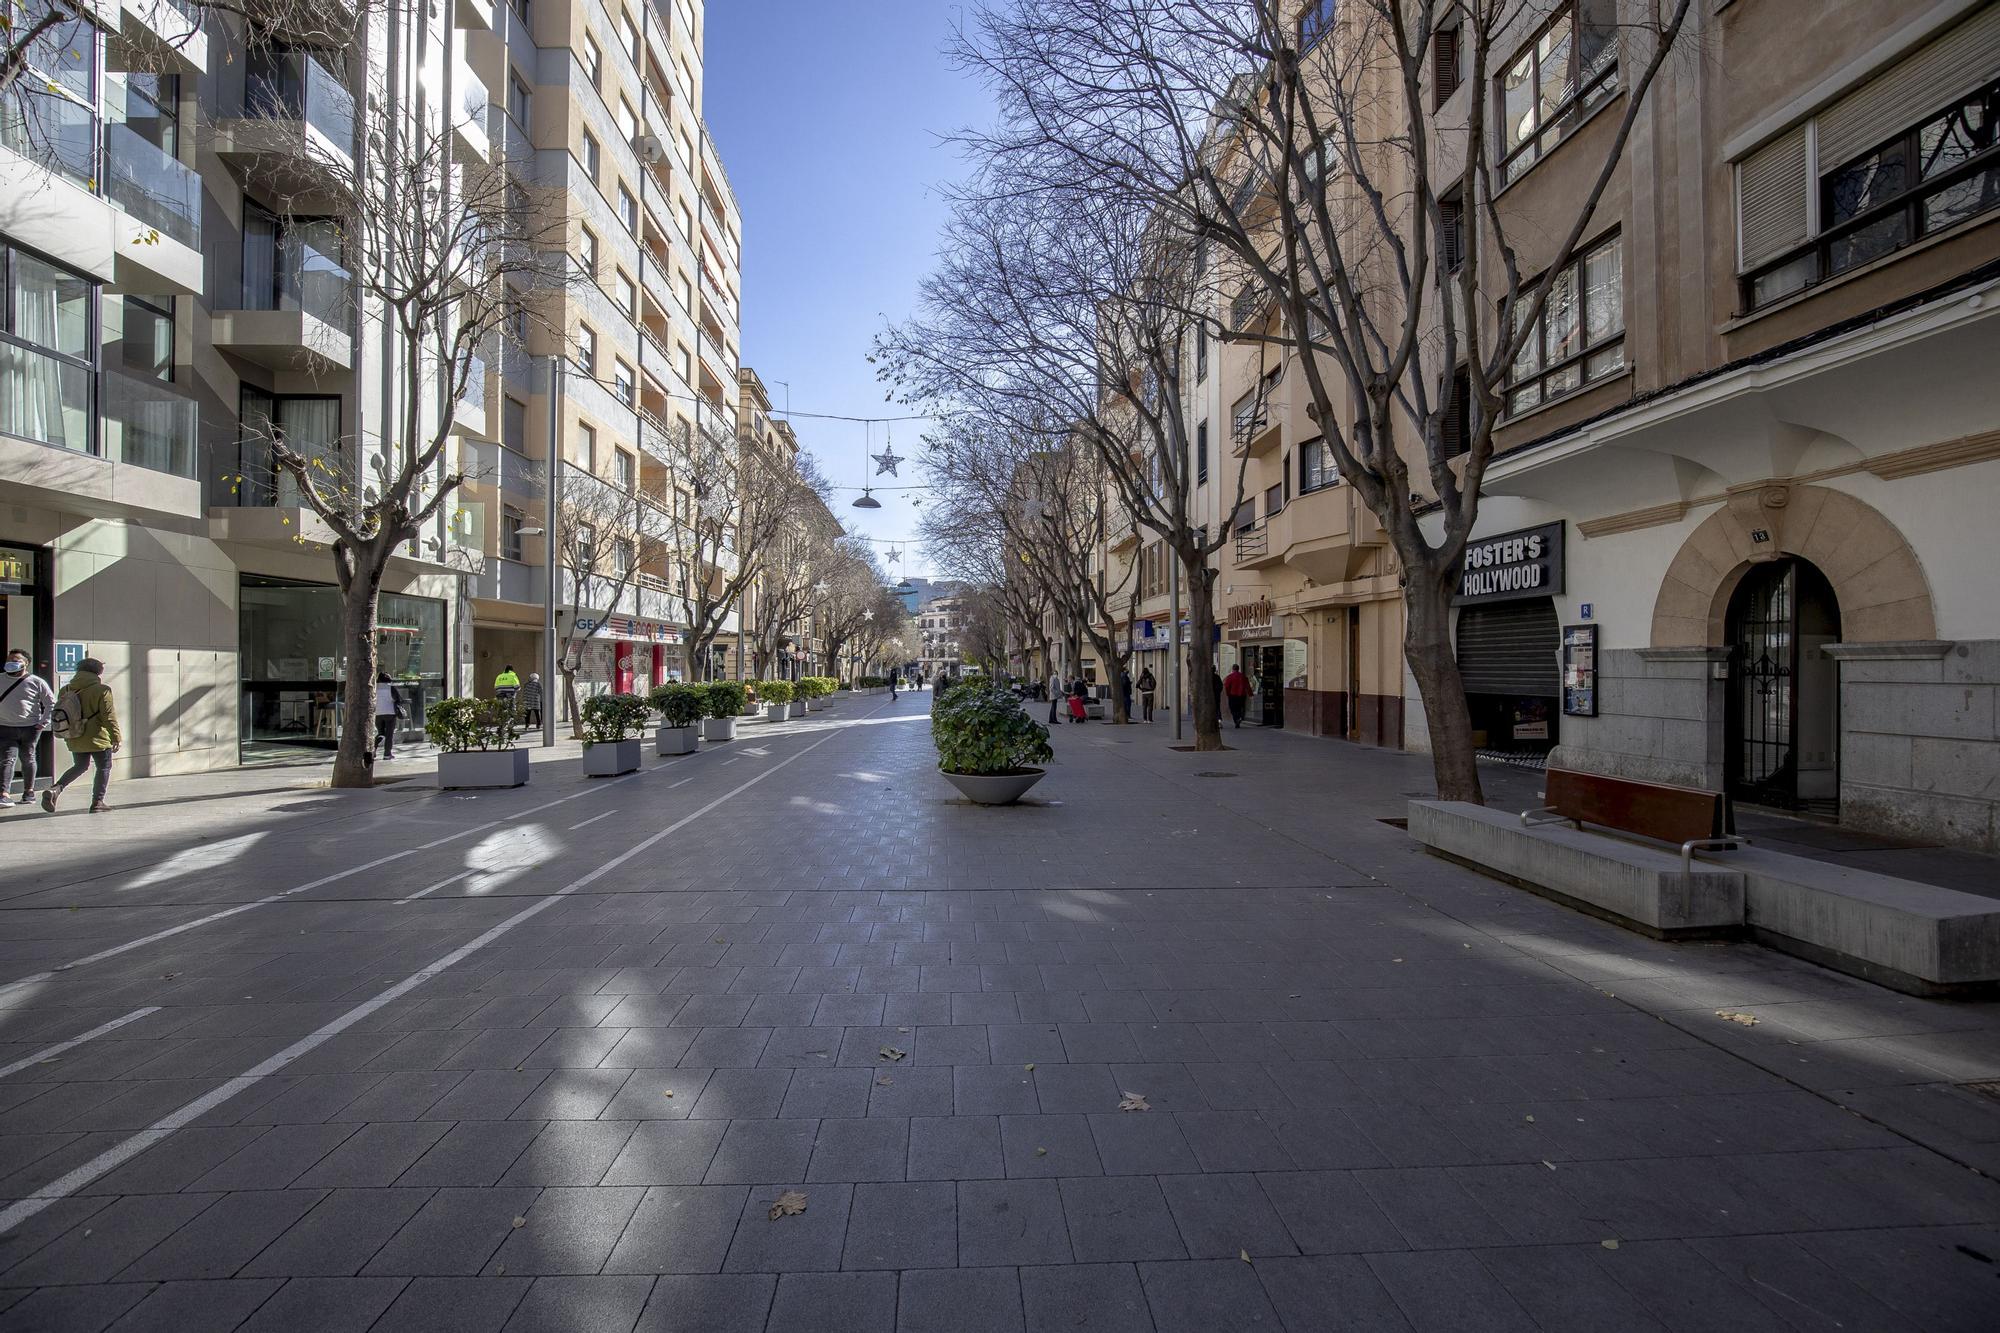 Nuevas restricciones en Mallorca: cierre de bares y restaurantes